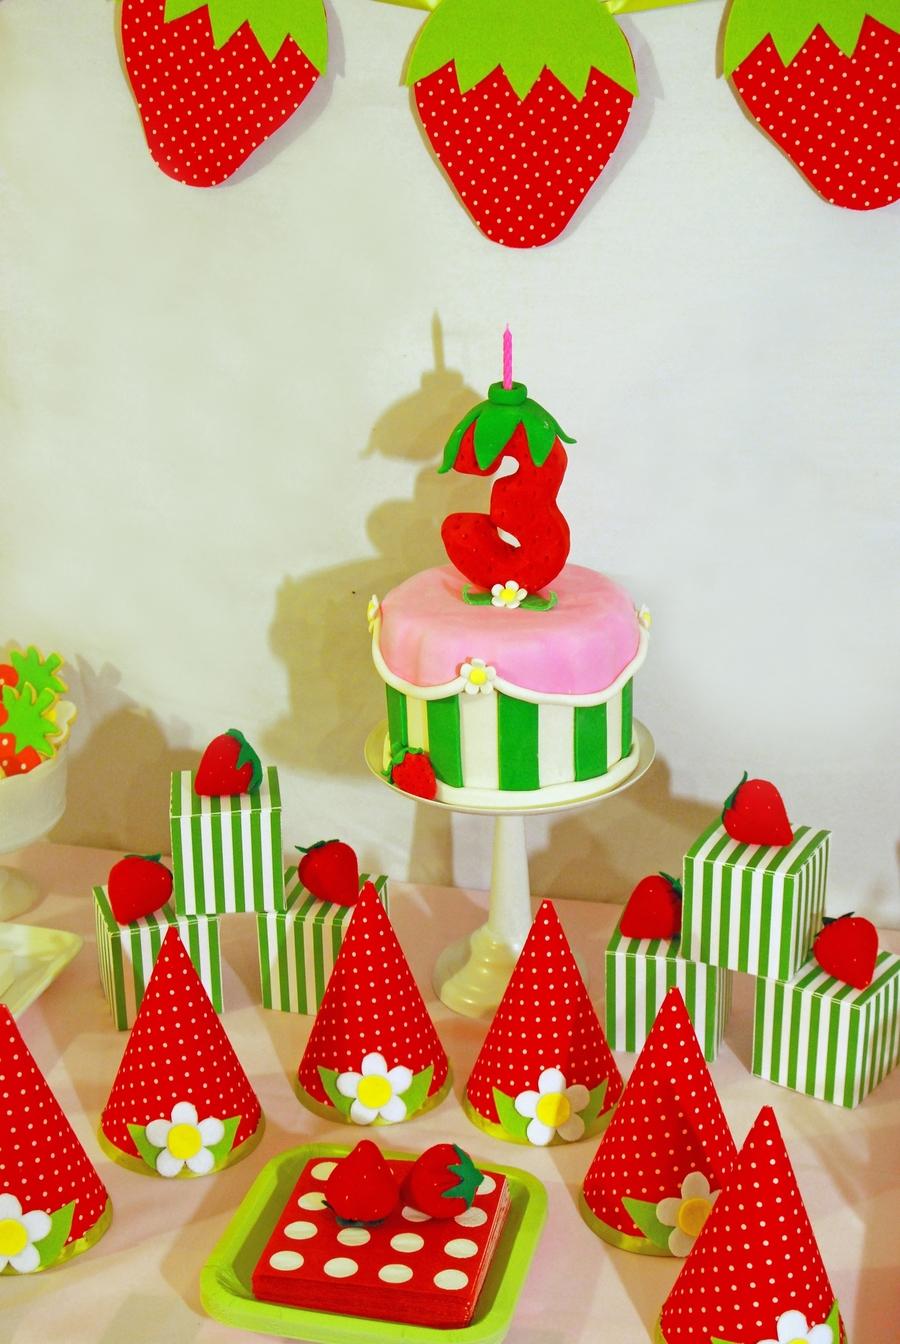 Using Strawberry Jam For Cake Filling